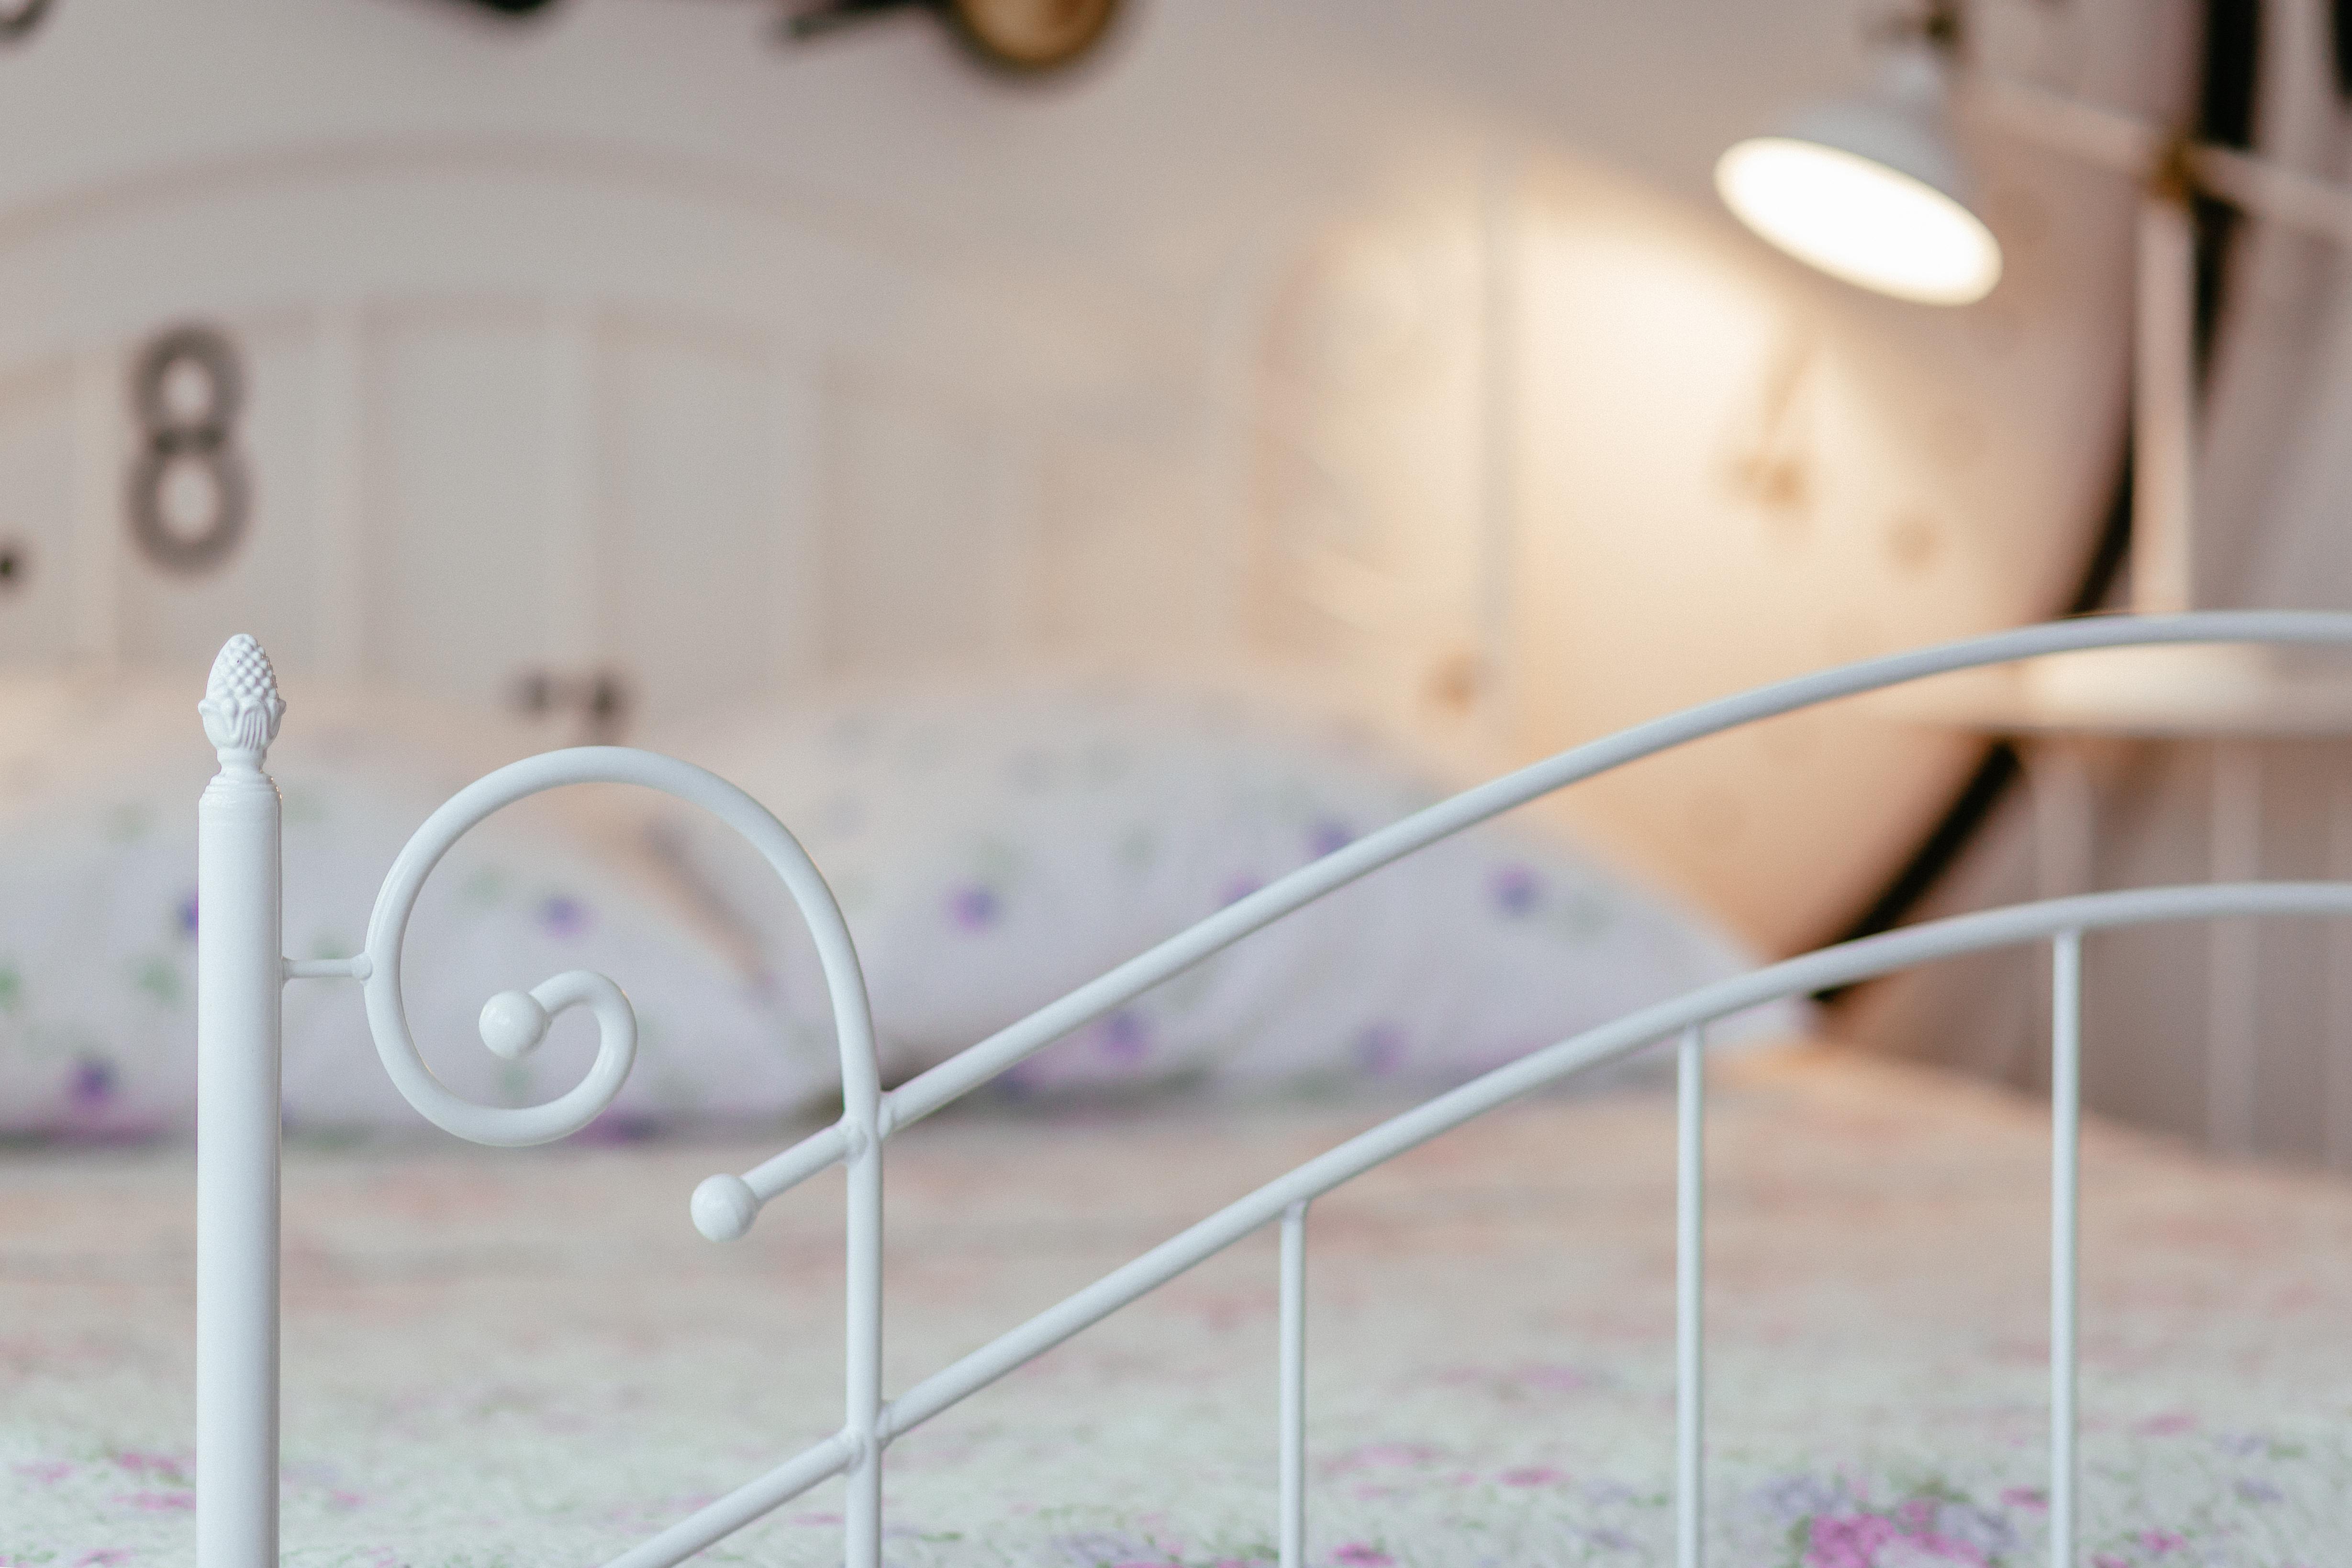 「40代女性は睡眠不足。眠りの質を上げて美貌と幸福感を高めるには」まとめ